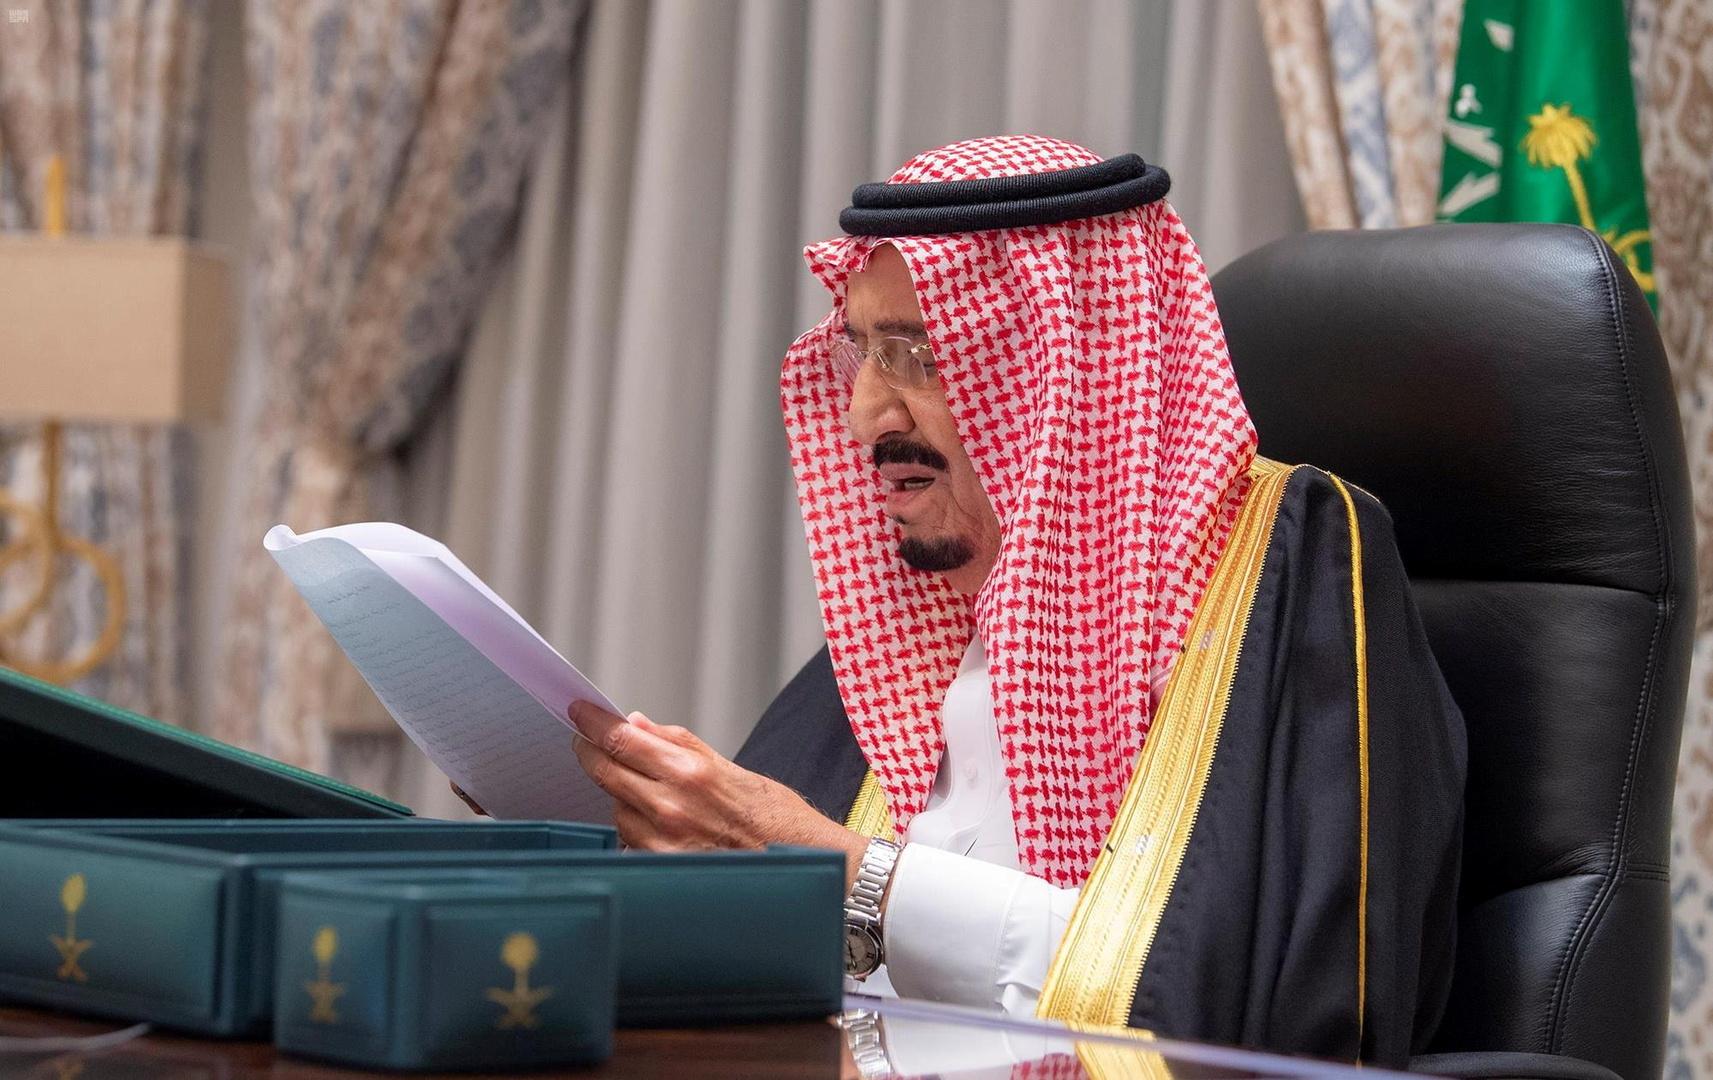 الملك السعودي يصدر أمرا يخص صلاة التراويح في الحرمين الشريفين